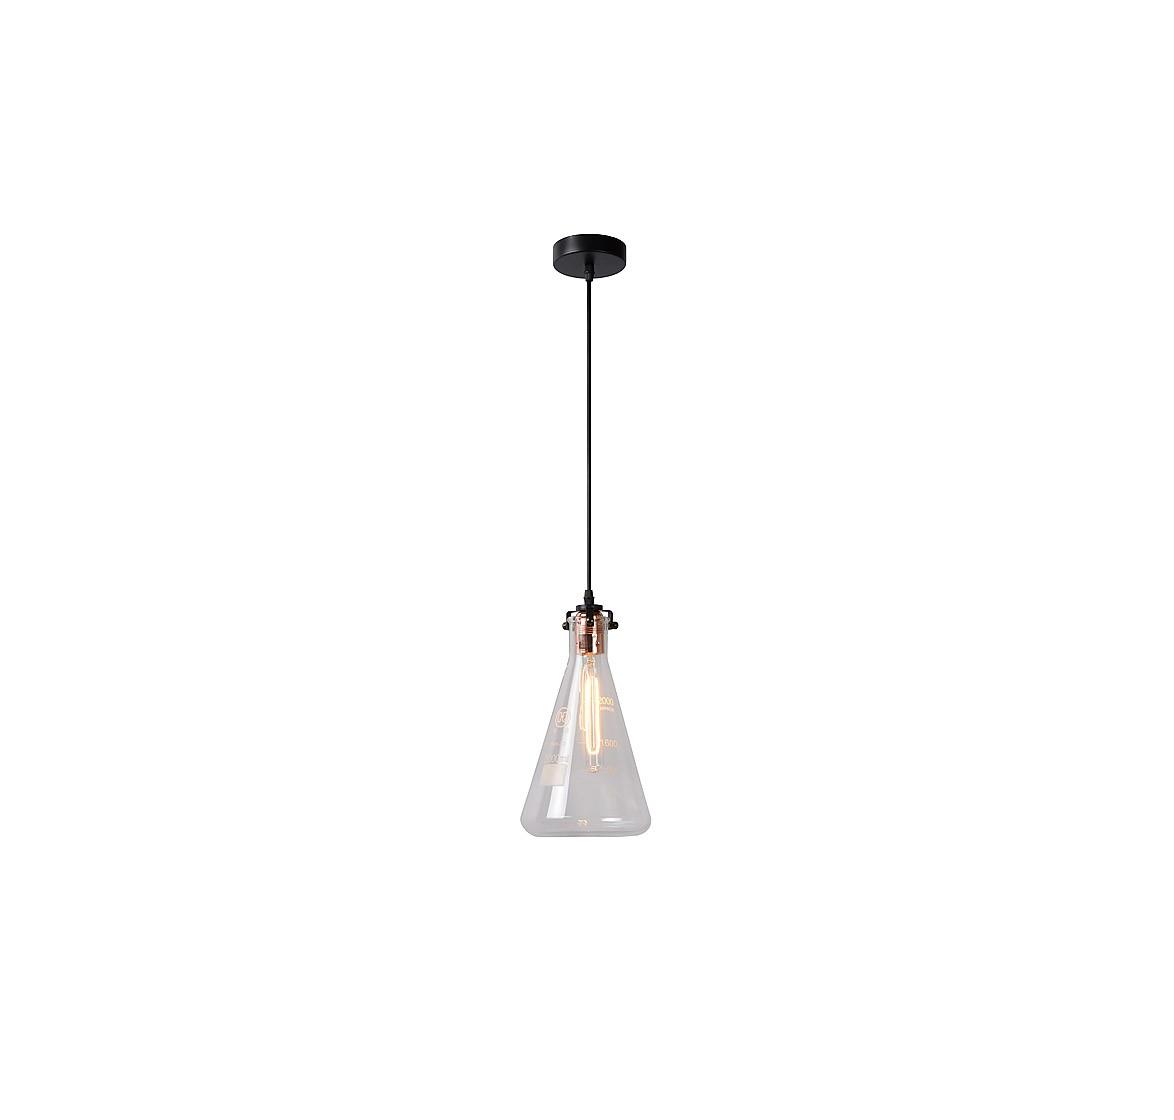 Подвесной светильник VITRIПодвесные светильники<br>основание: металл/черный<br>плафон: стекло<br>диаметр: 17 см<br>высота: 140 см<br>E27, 60W,1 лампочка (в комплект не входит)<br><br>Material: Стекло<br>Высота см: 140.0